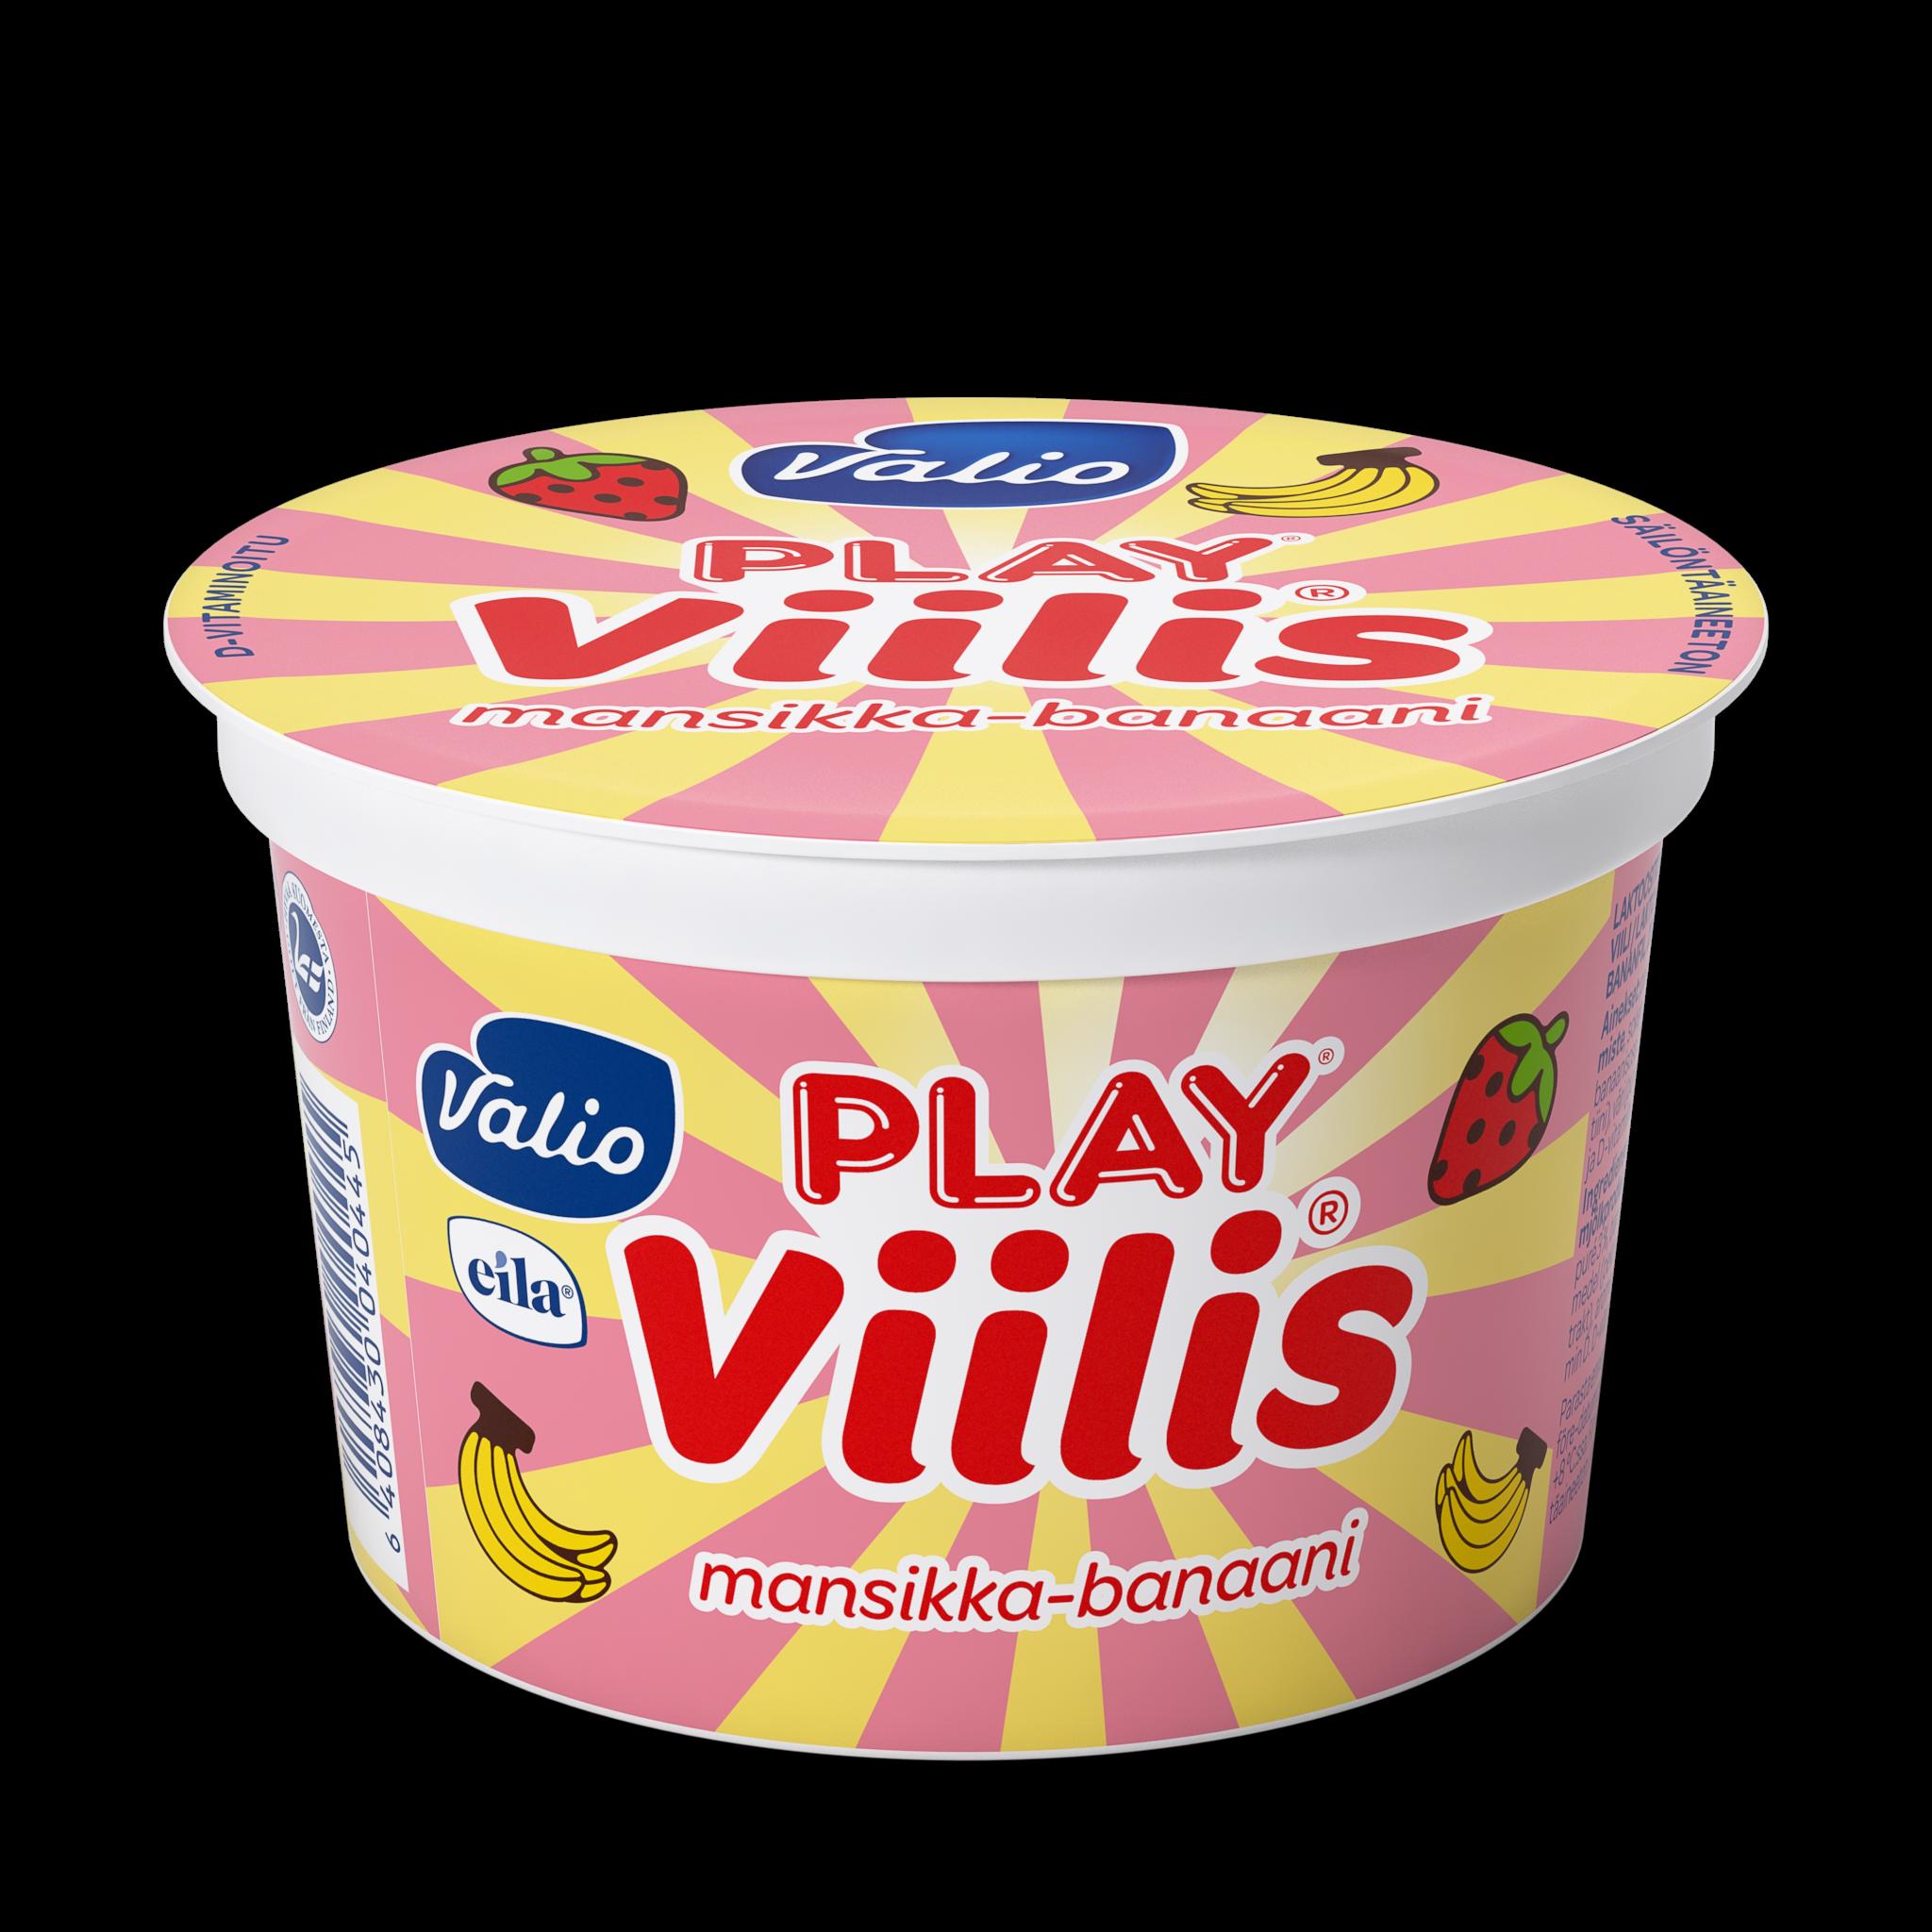 Valio Play® viilis® mansikka - banaani laktoositon